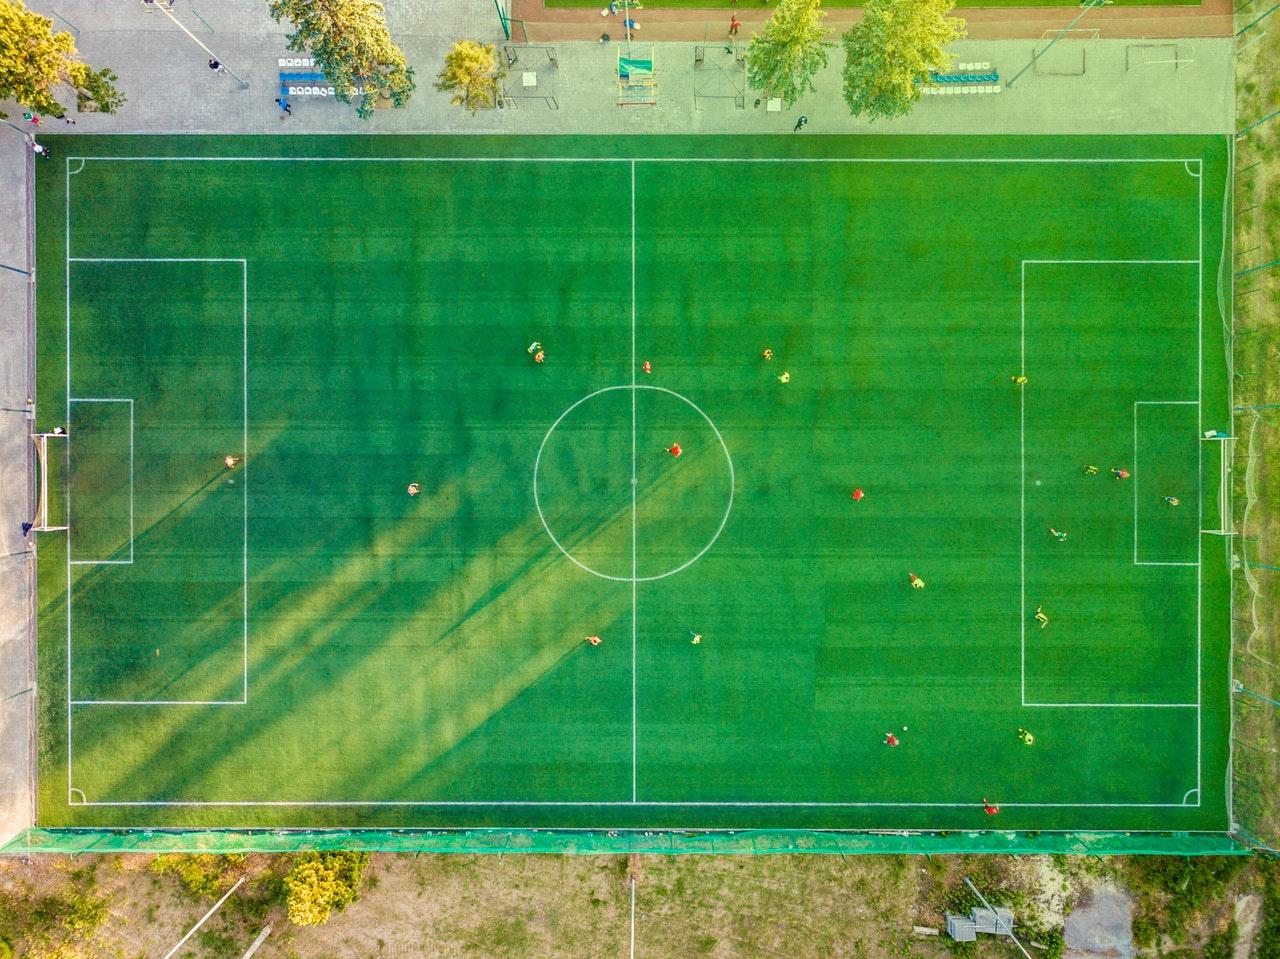 Fantasiazko Premier League 2019/20 - denboraldi berria hasten ari gara Spider's Web ligan